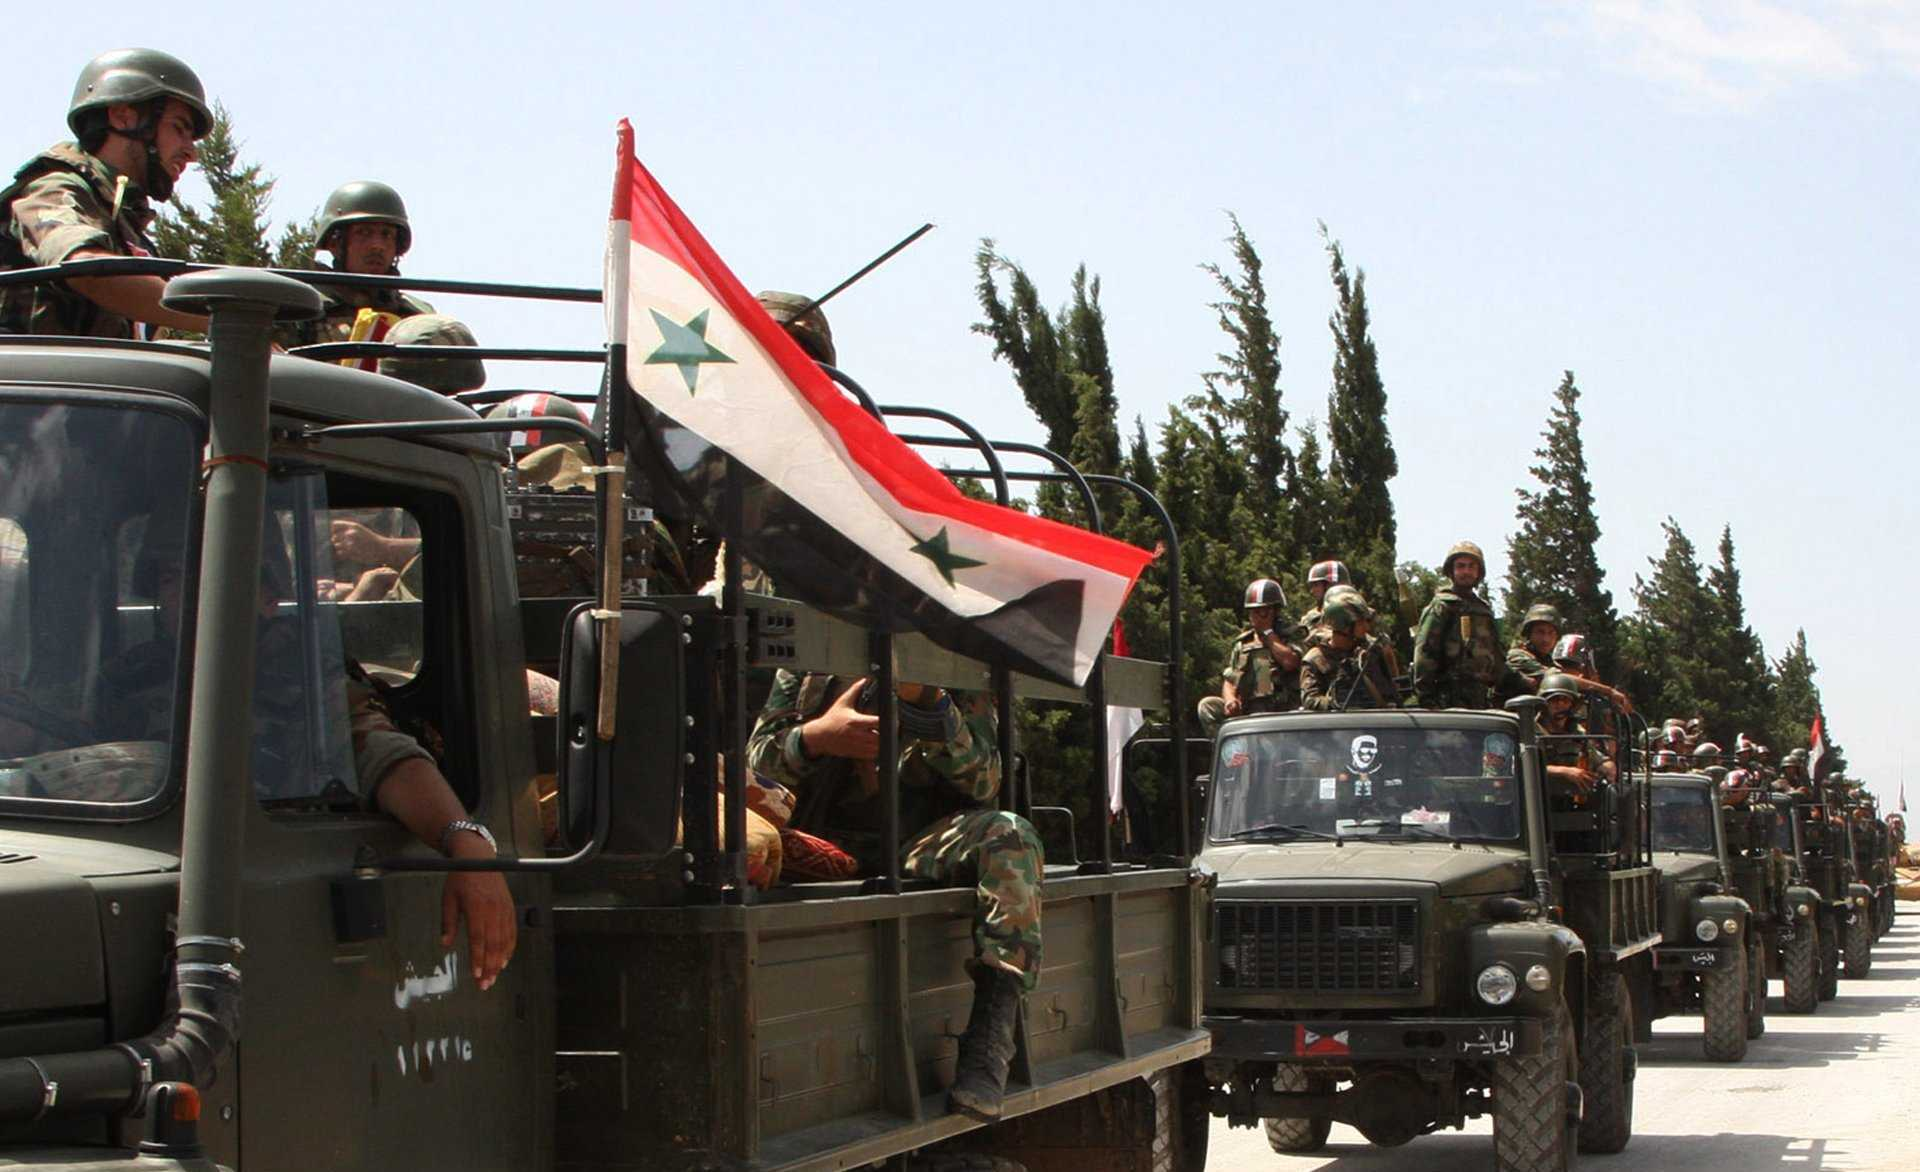 الجيش السوري يحرر 7 قرى جديدة من الإرهابيين بريف إدلب